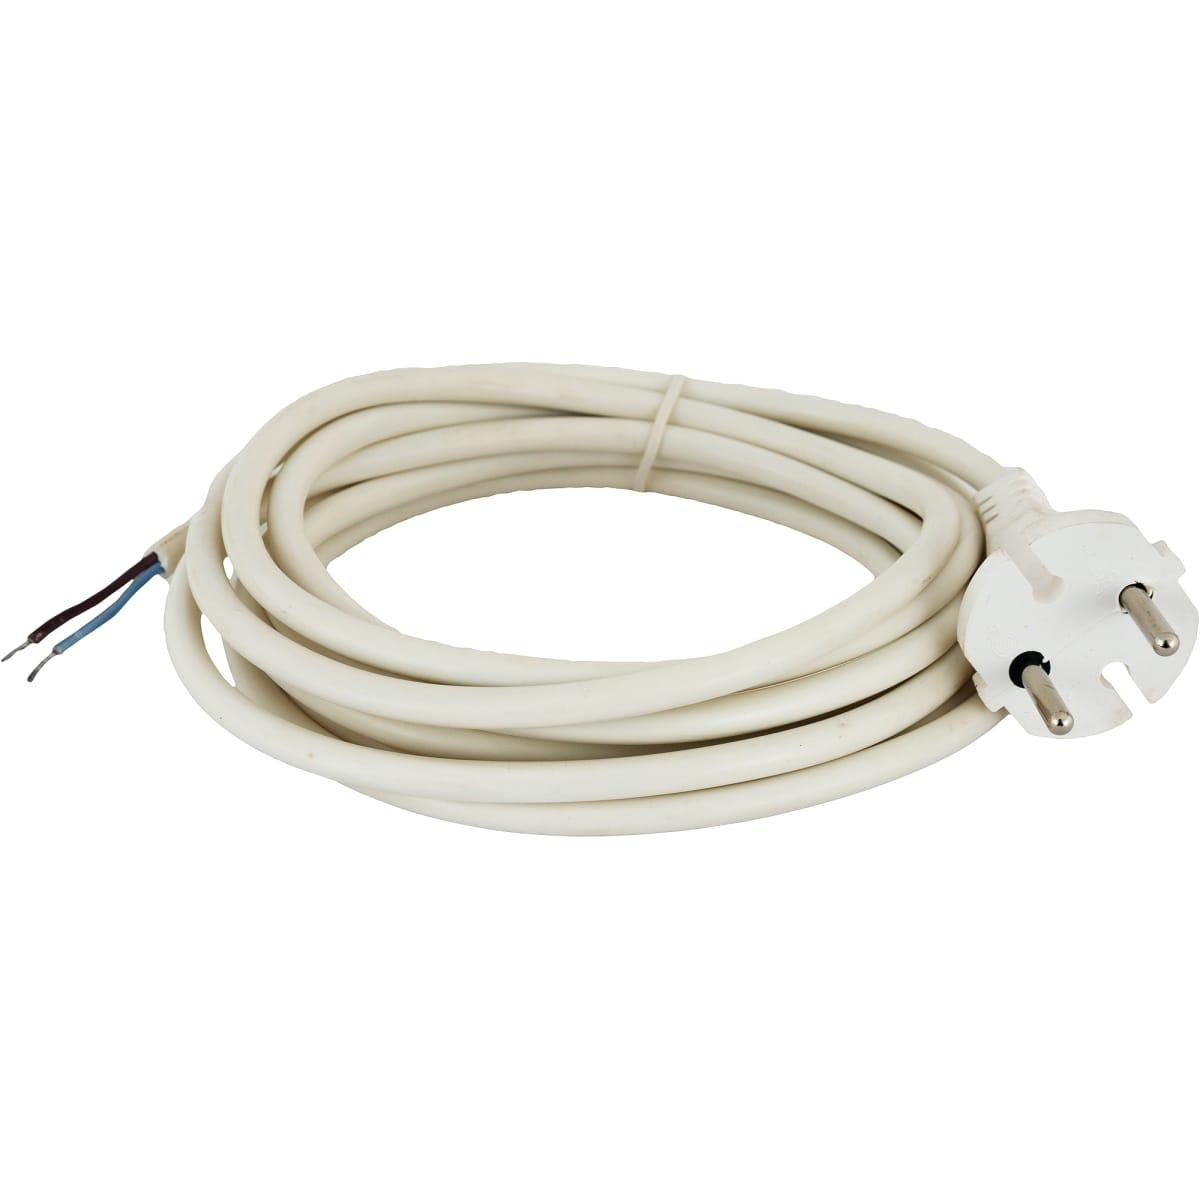 Шнур сетевой без заземления, 1.5 м, цвет белый